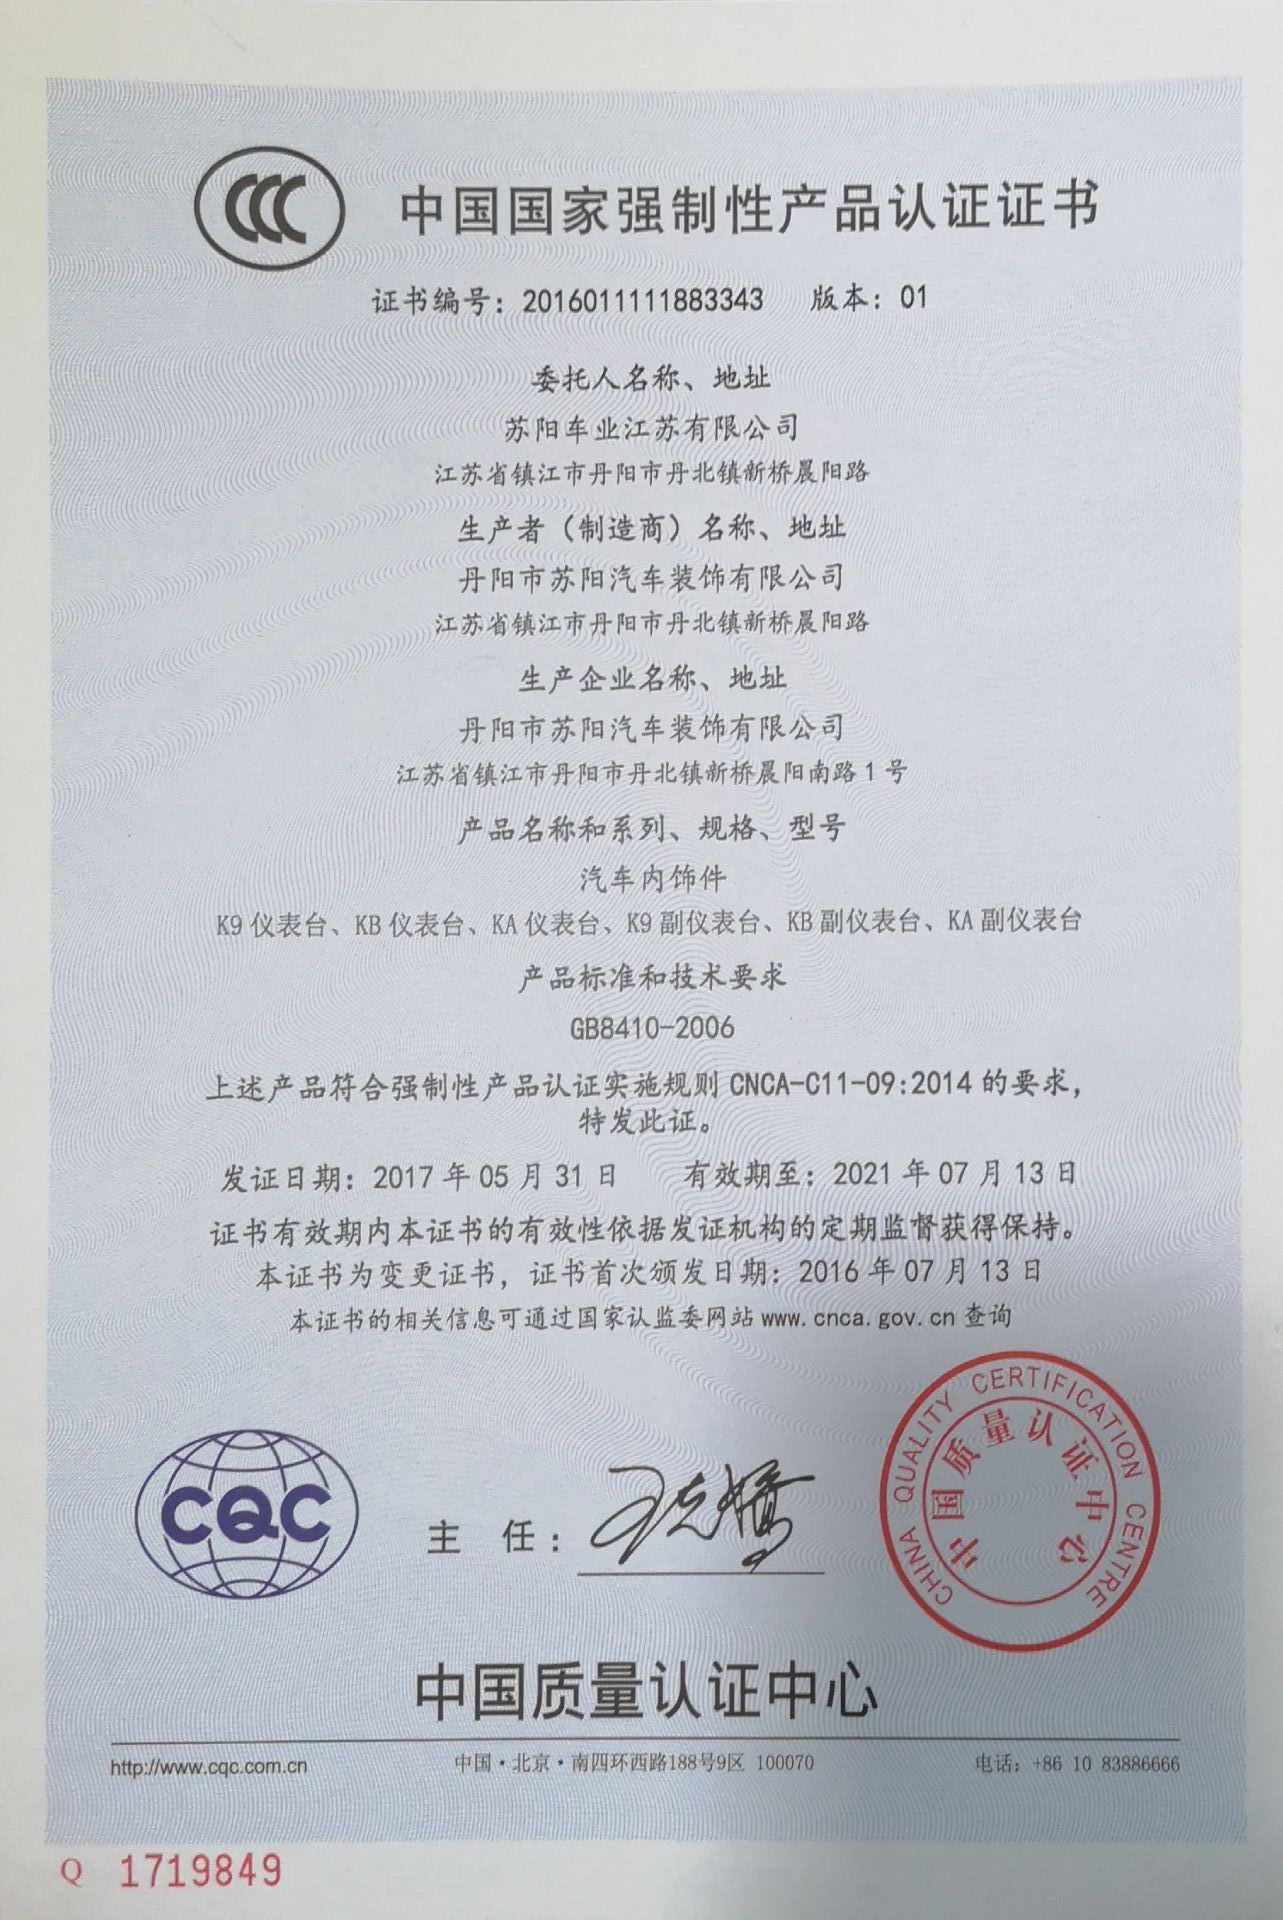 仪表台认证证书